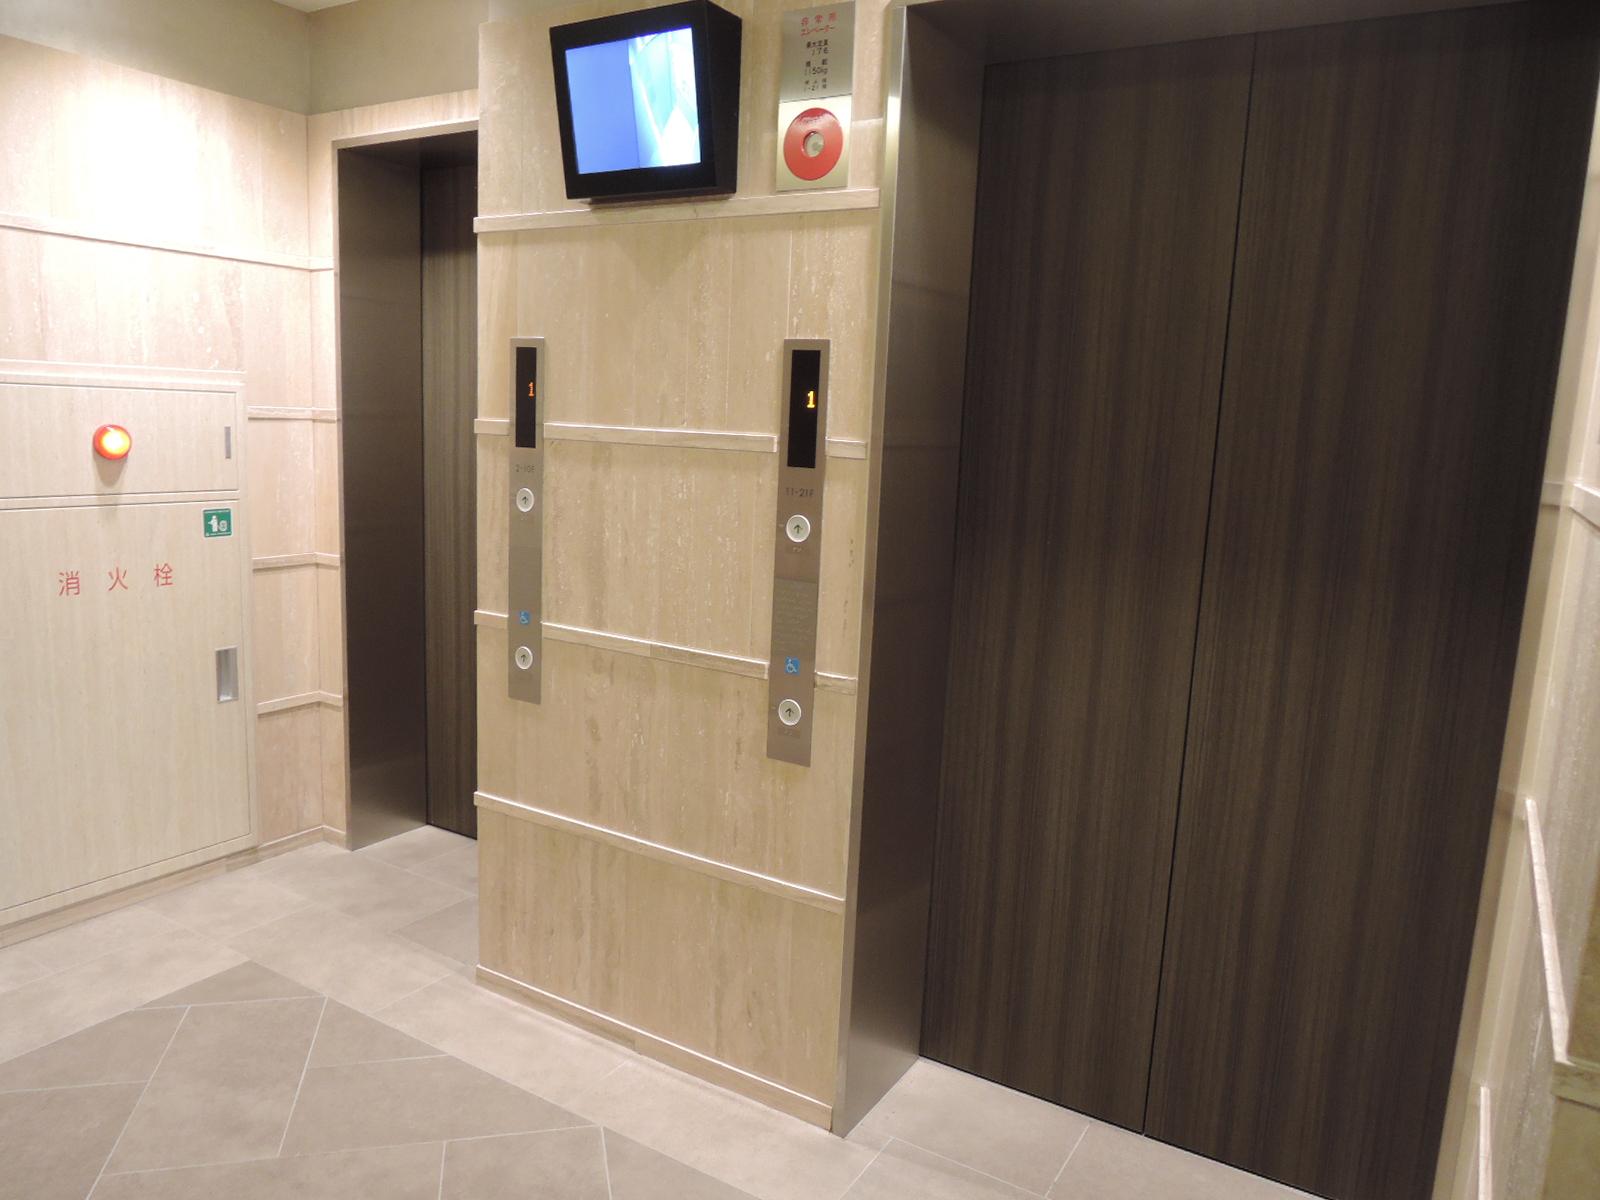 エレベーターホール。エレベーター内が映るモニター付きです